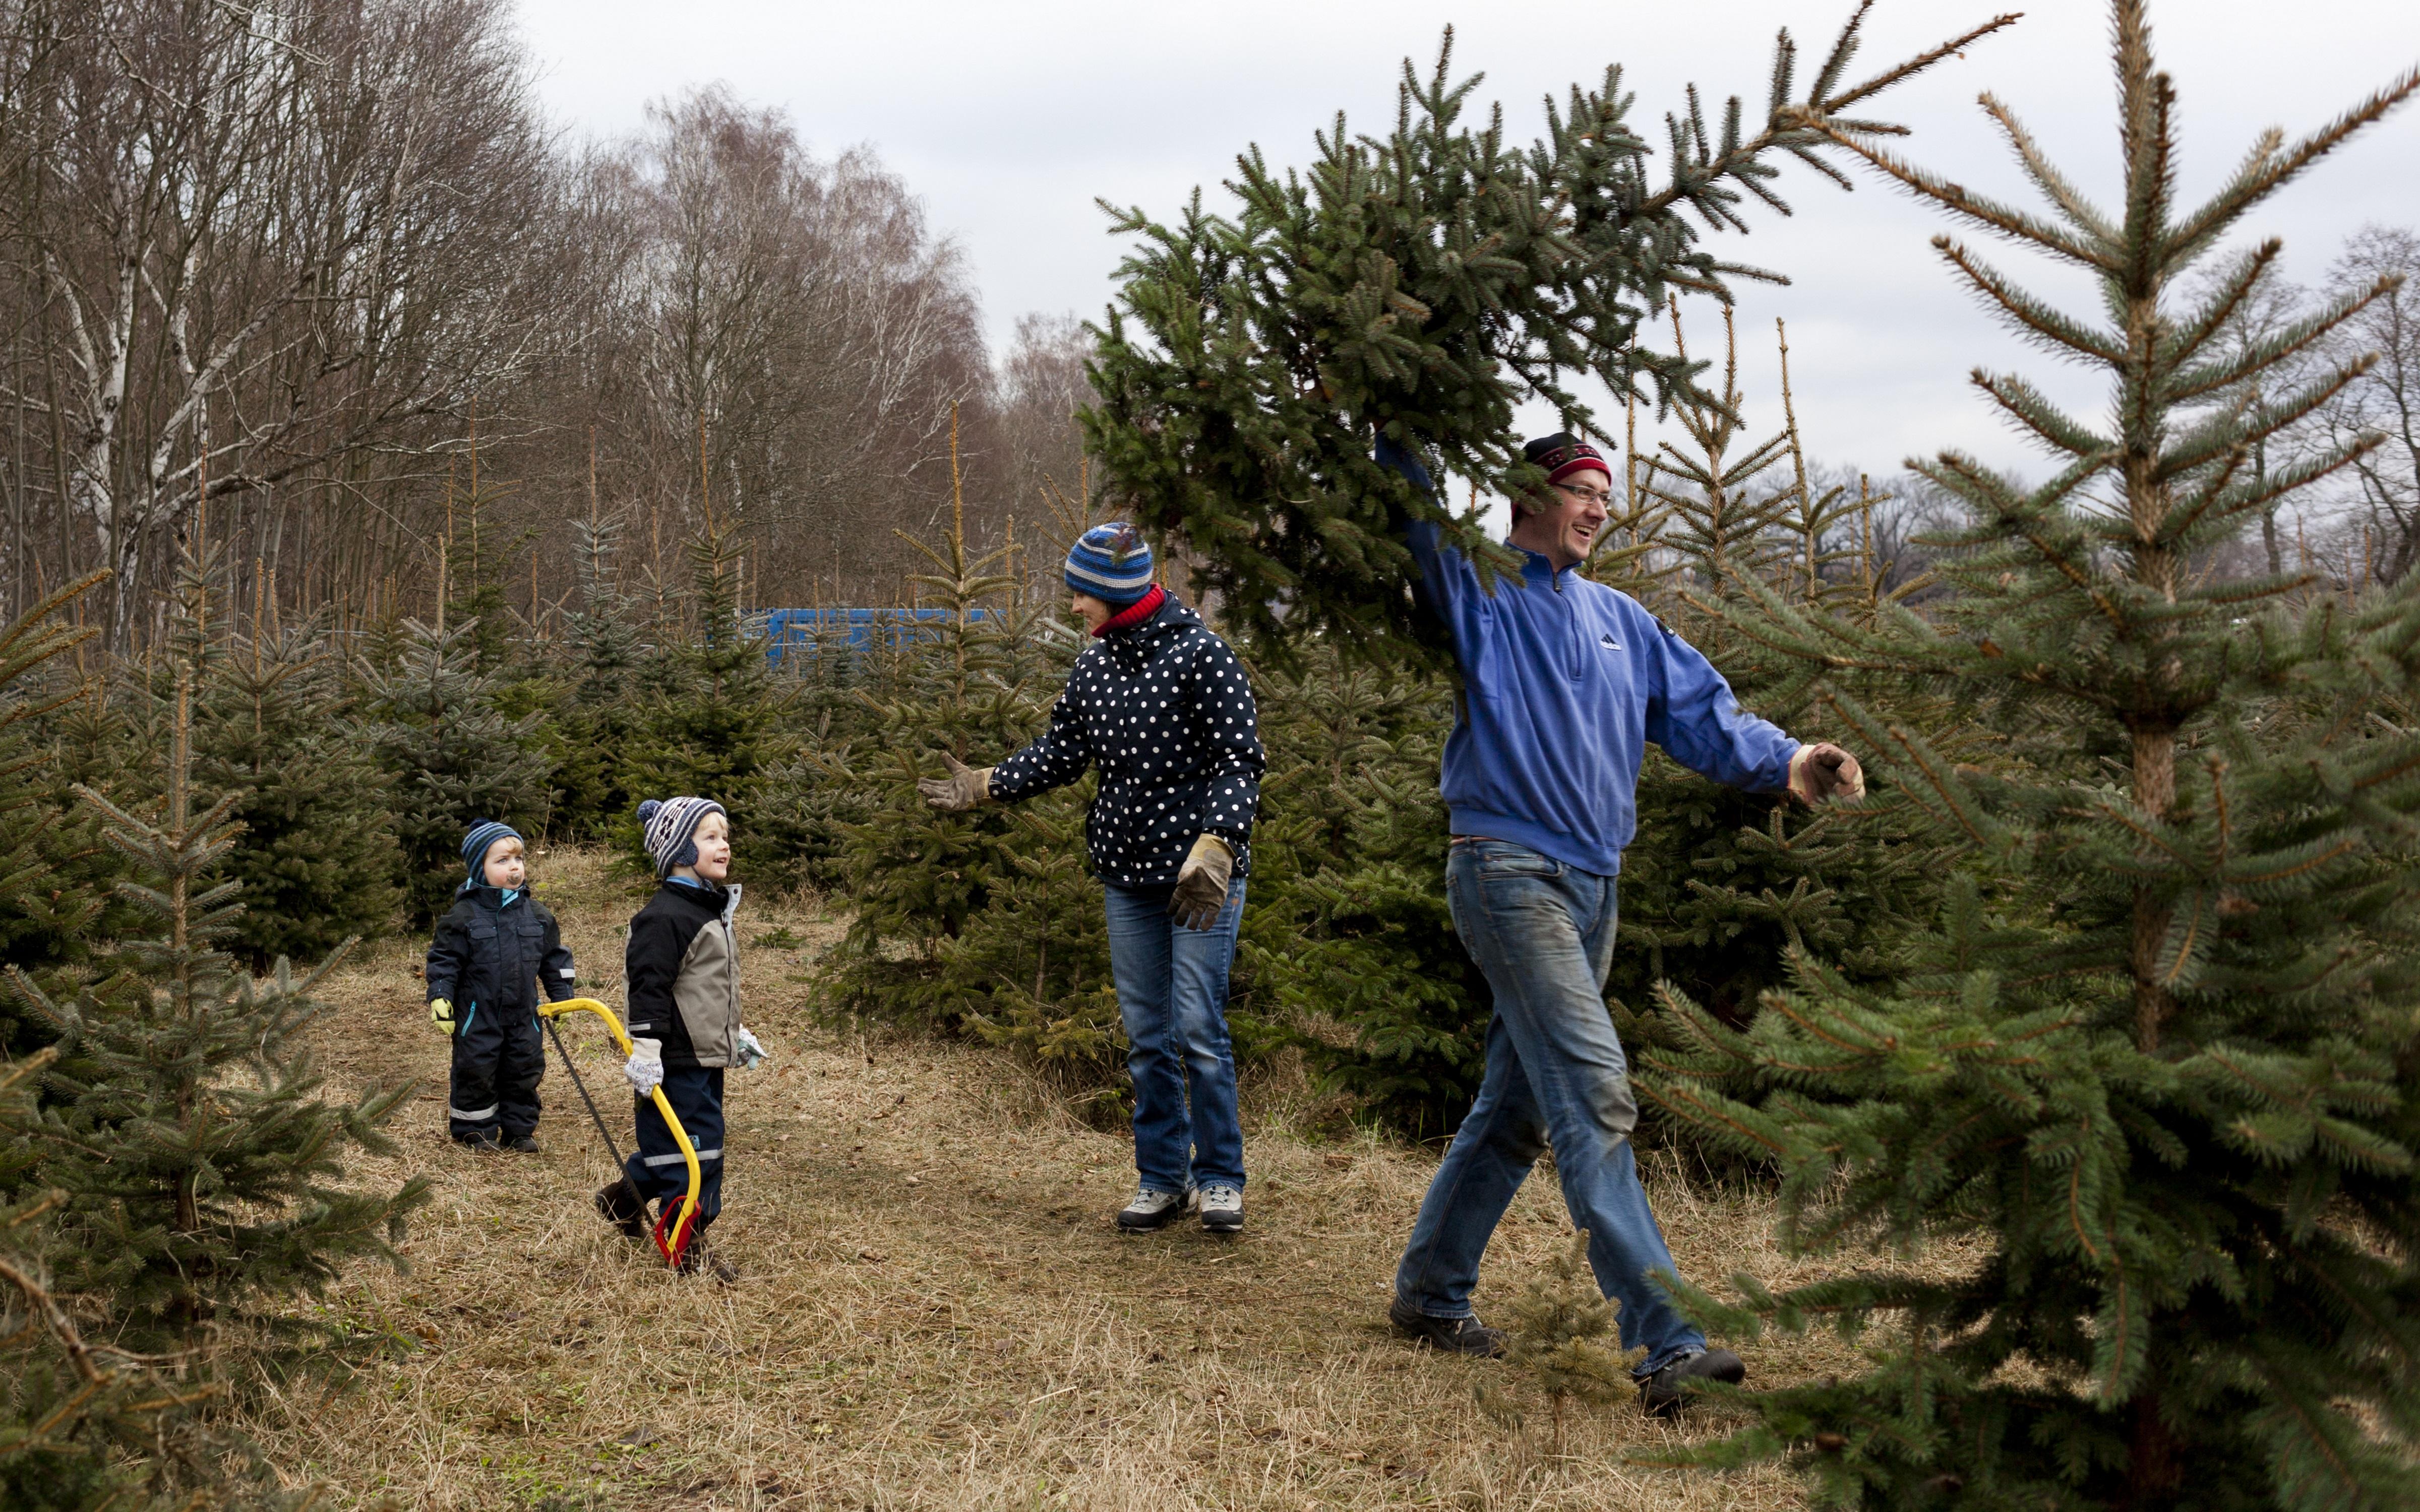 Weihnachtsbaum Selber Schlagen Berlin Brandenburg.Weihnachtsbäume Selber Schlagen In Brandenburg 2018